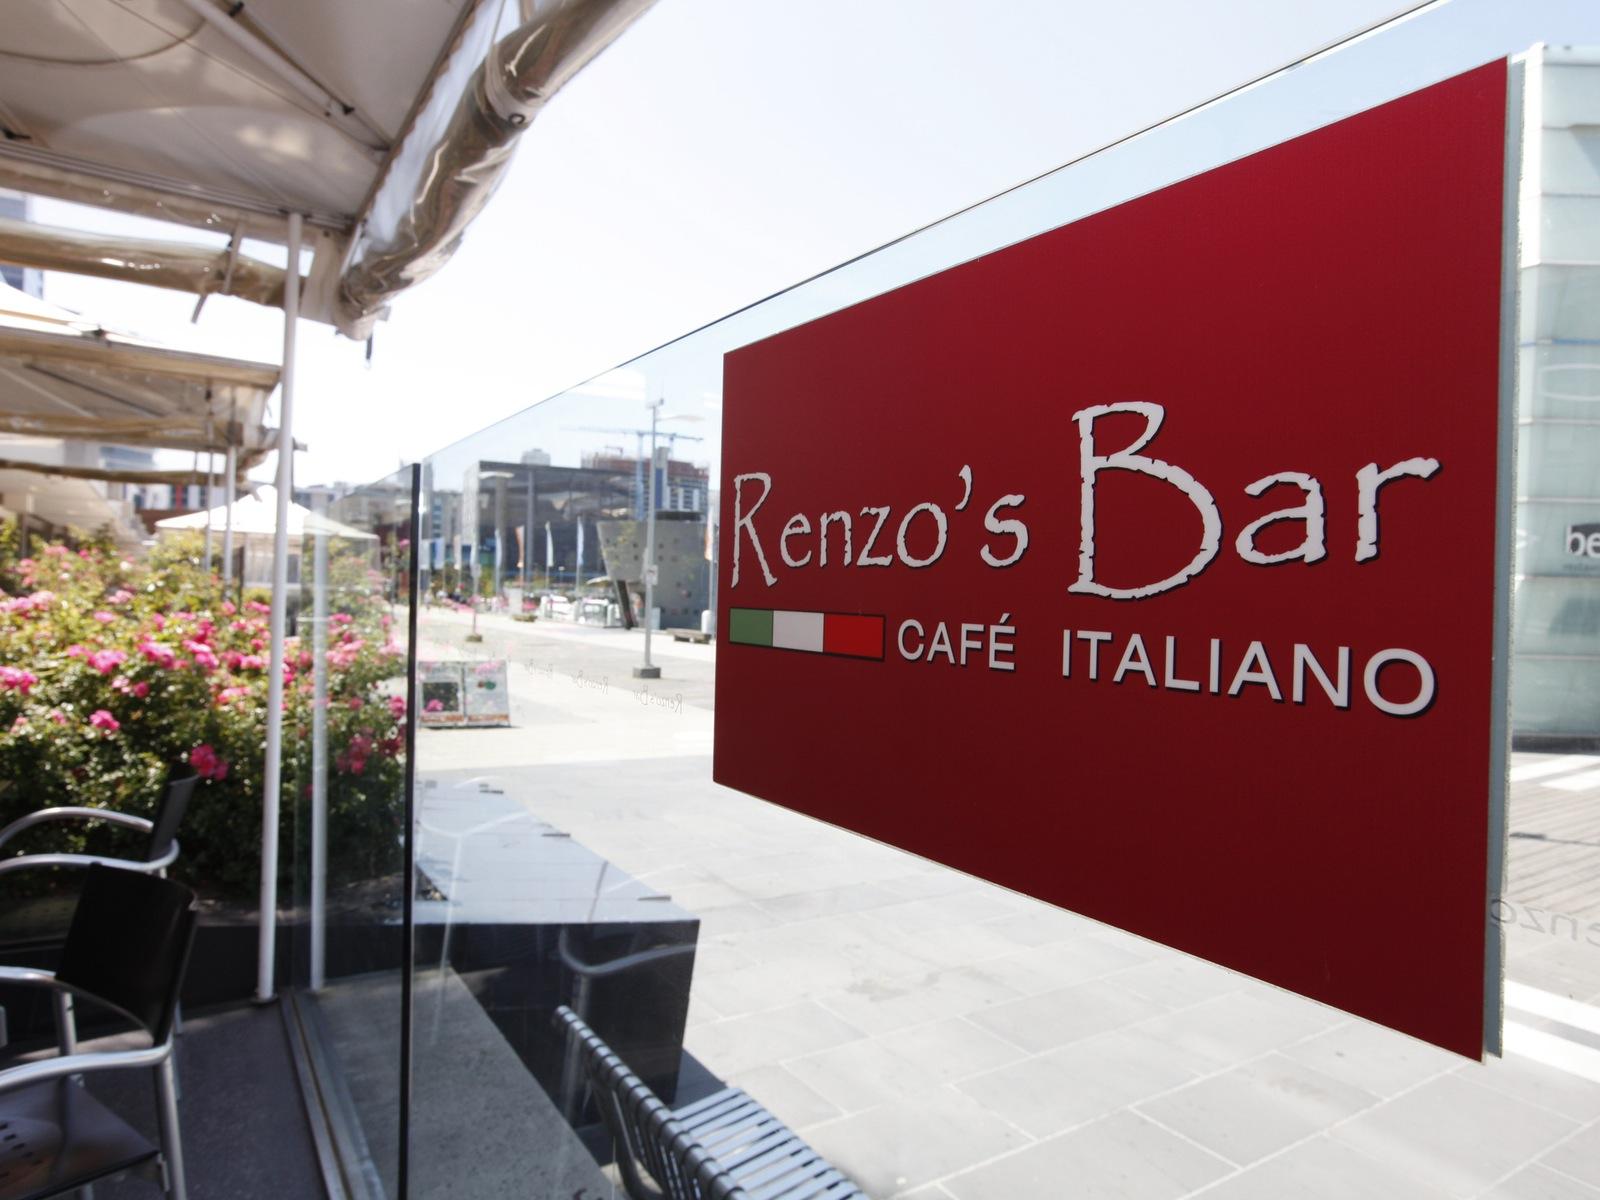 Renzo's Bar